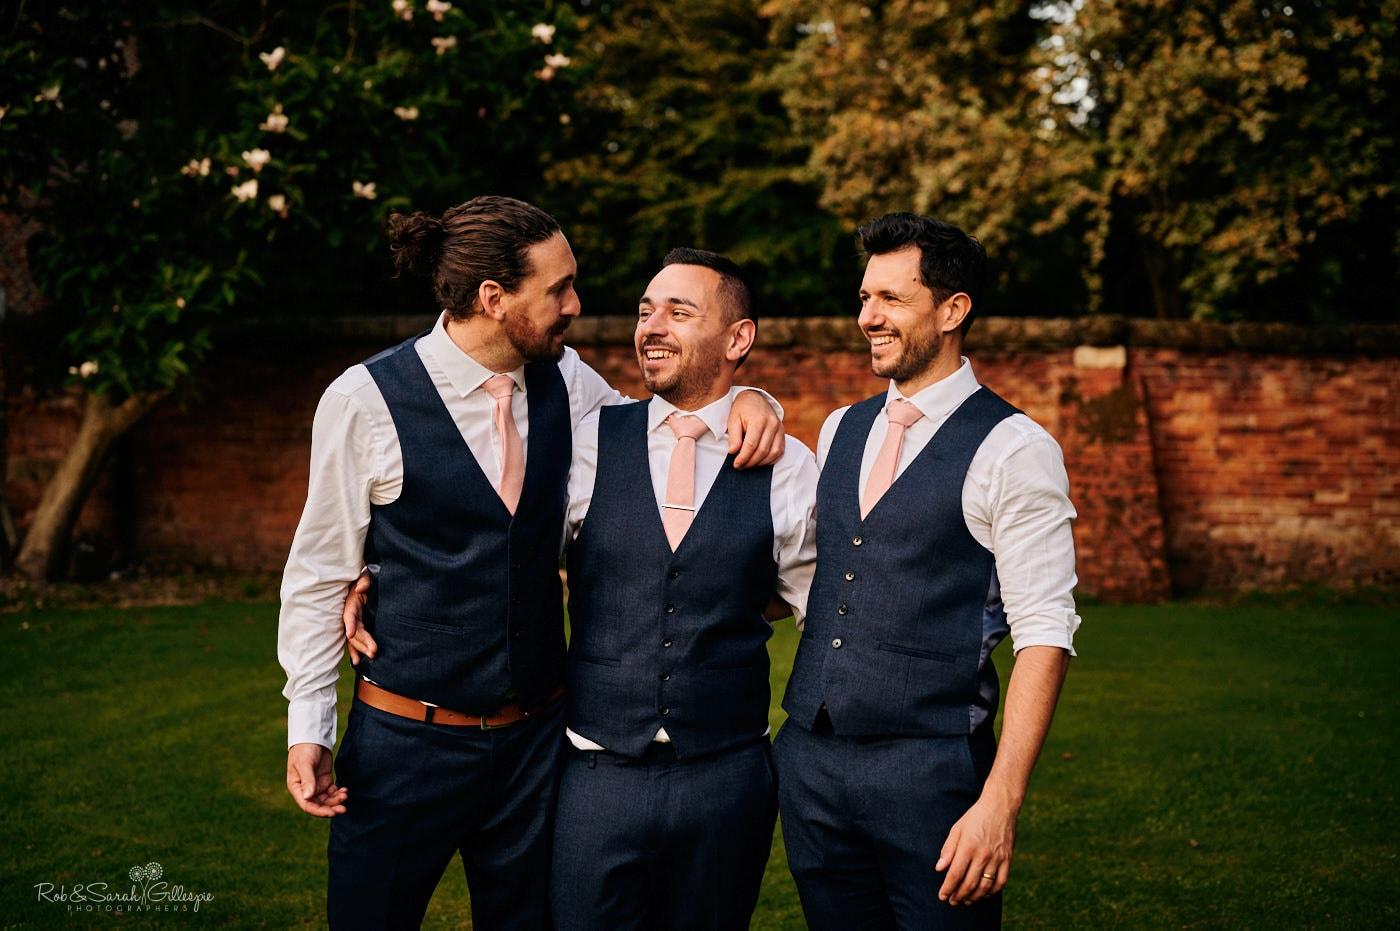 Groom and groosmen having a laugh